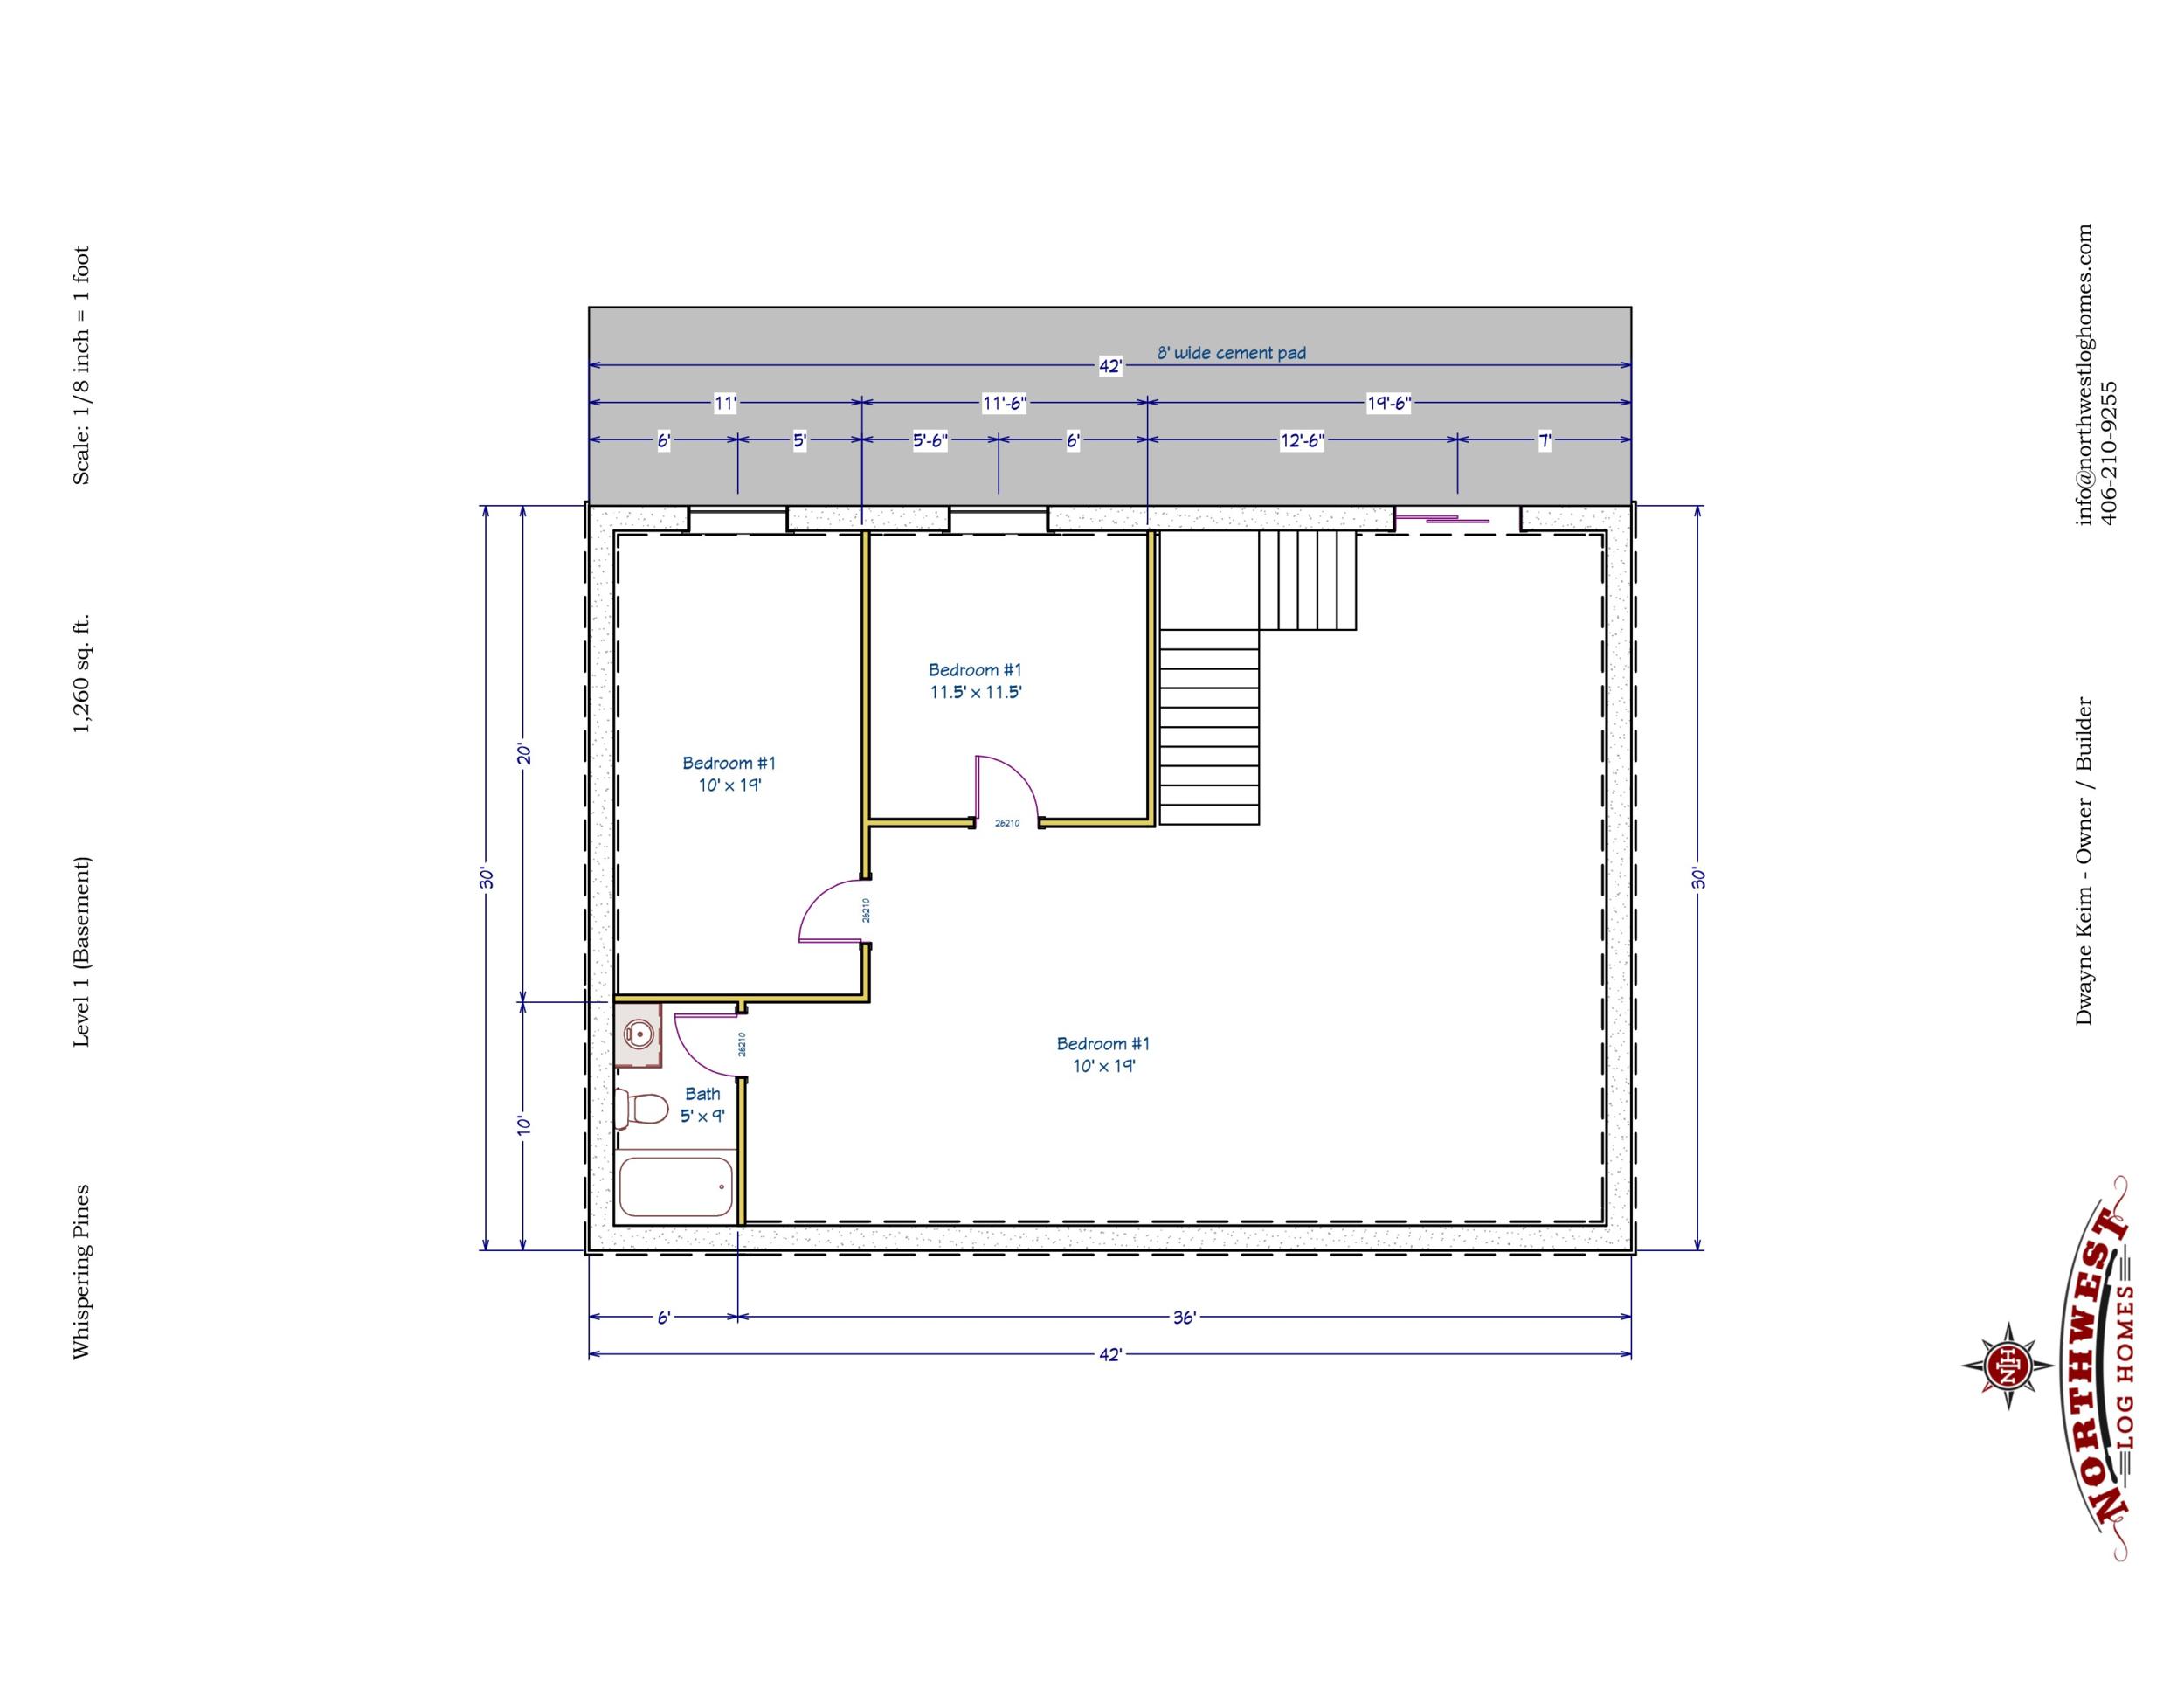 Basement - 1,260 sq. ft.